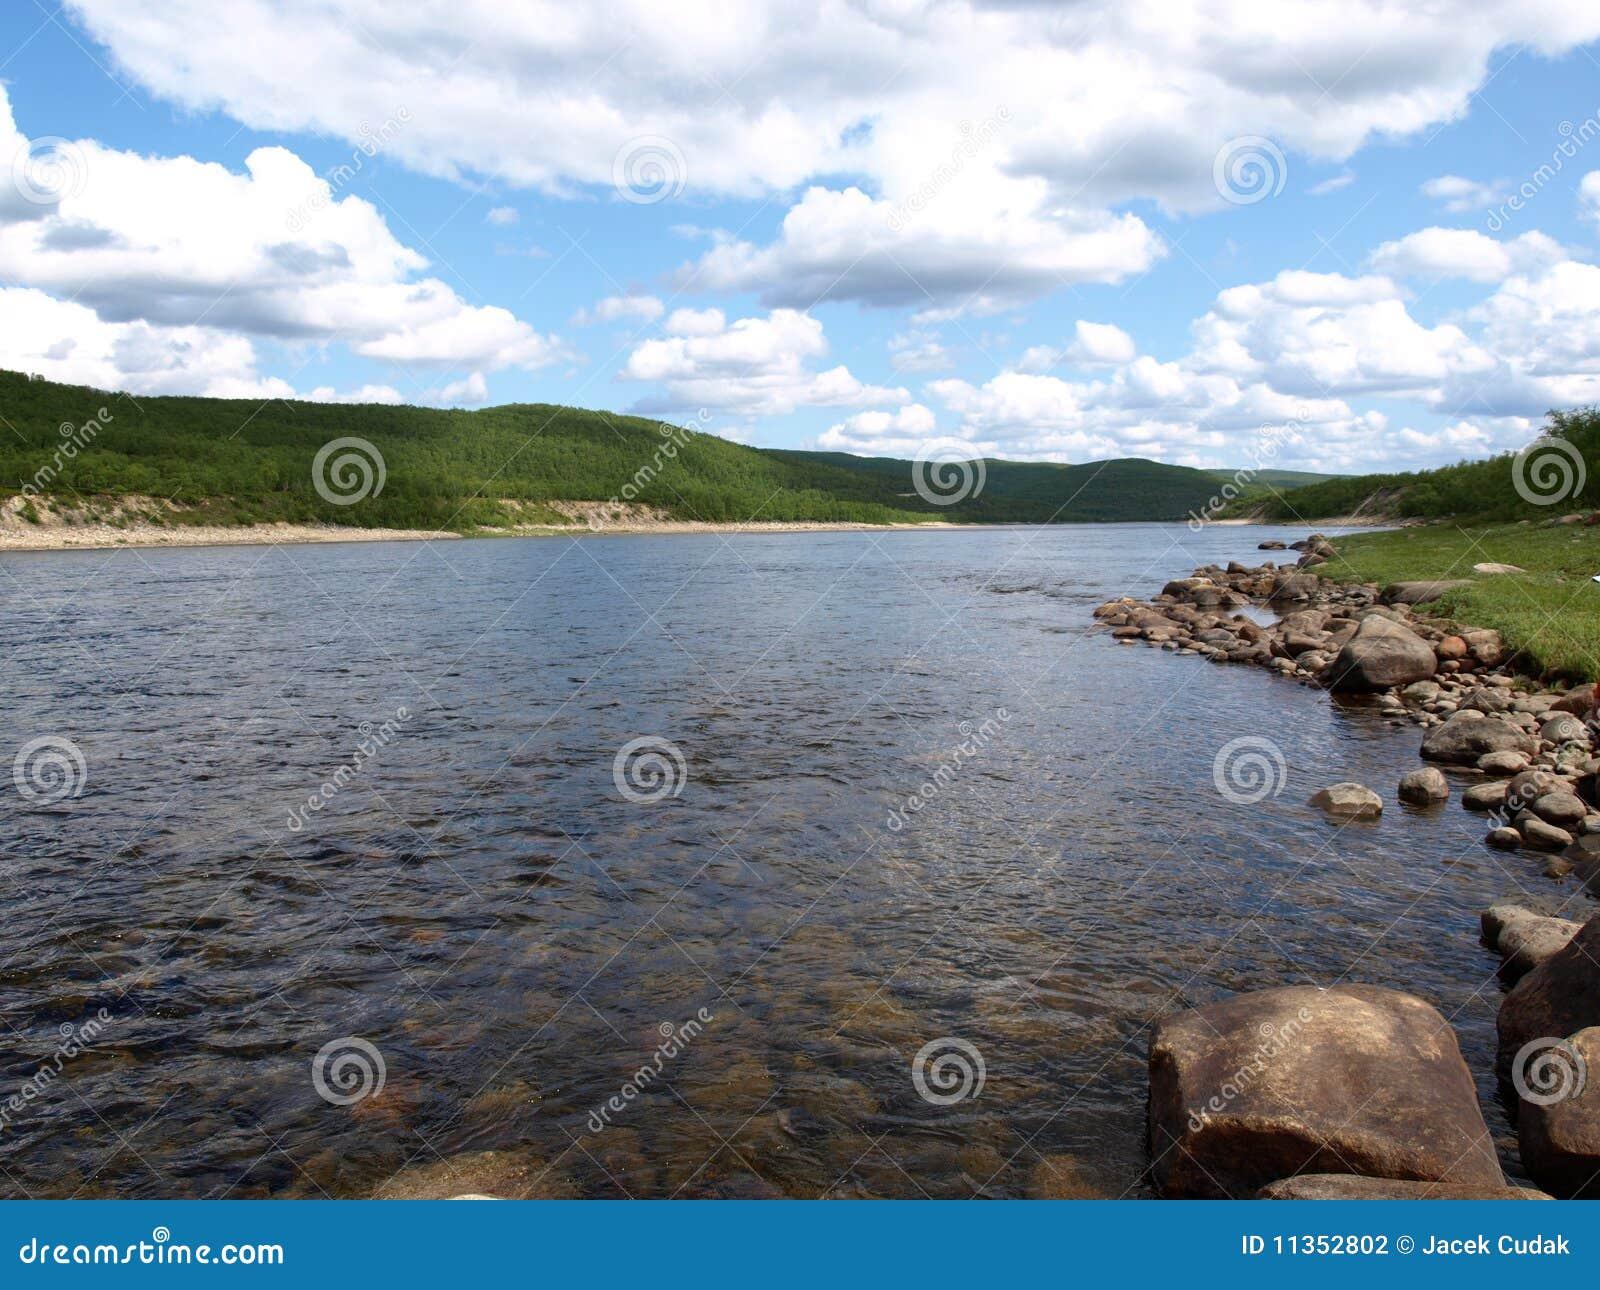 Tenojoki River